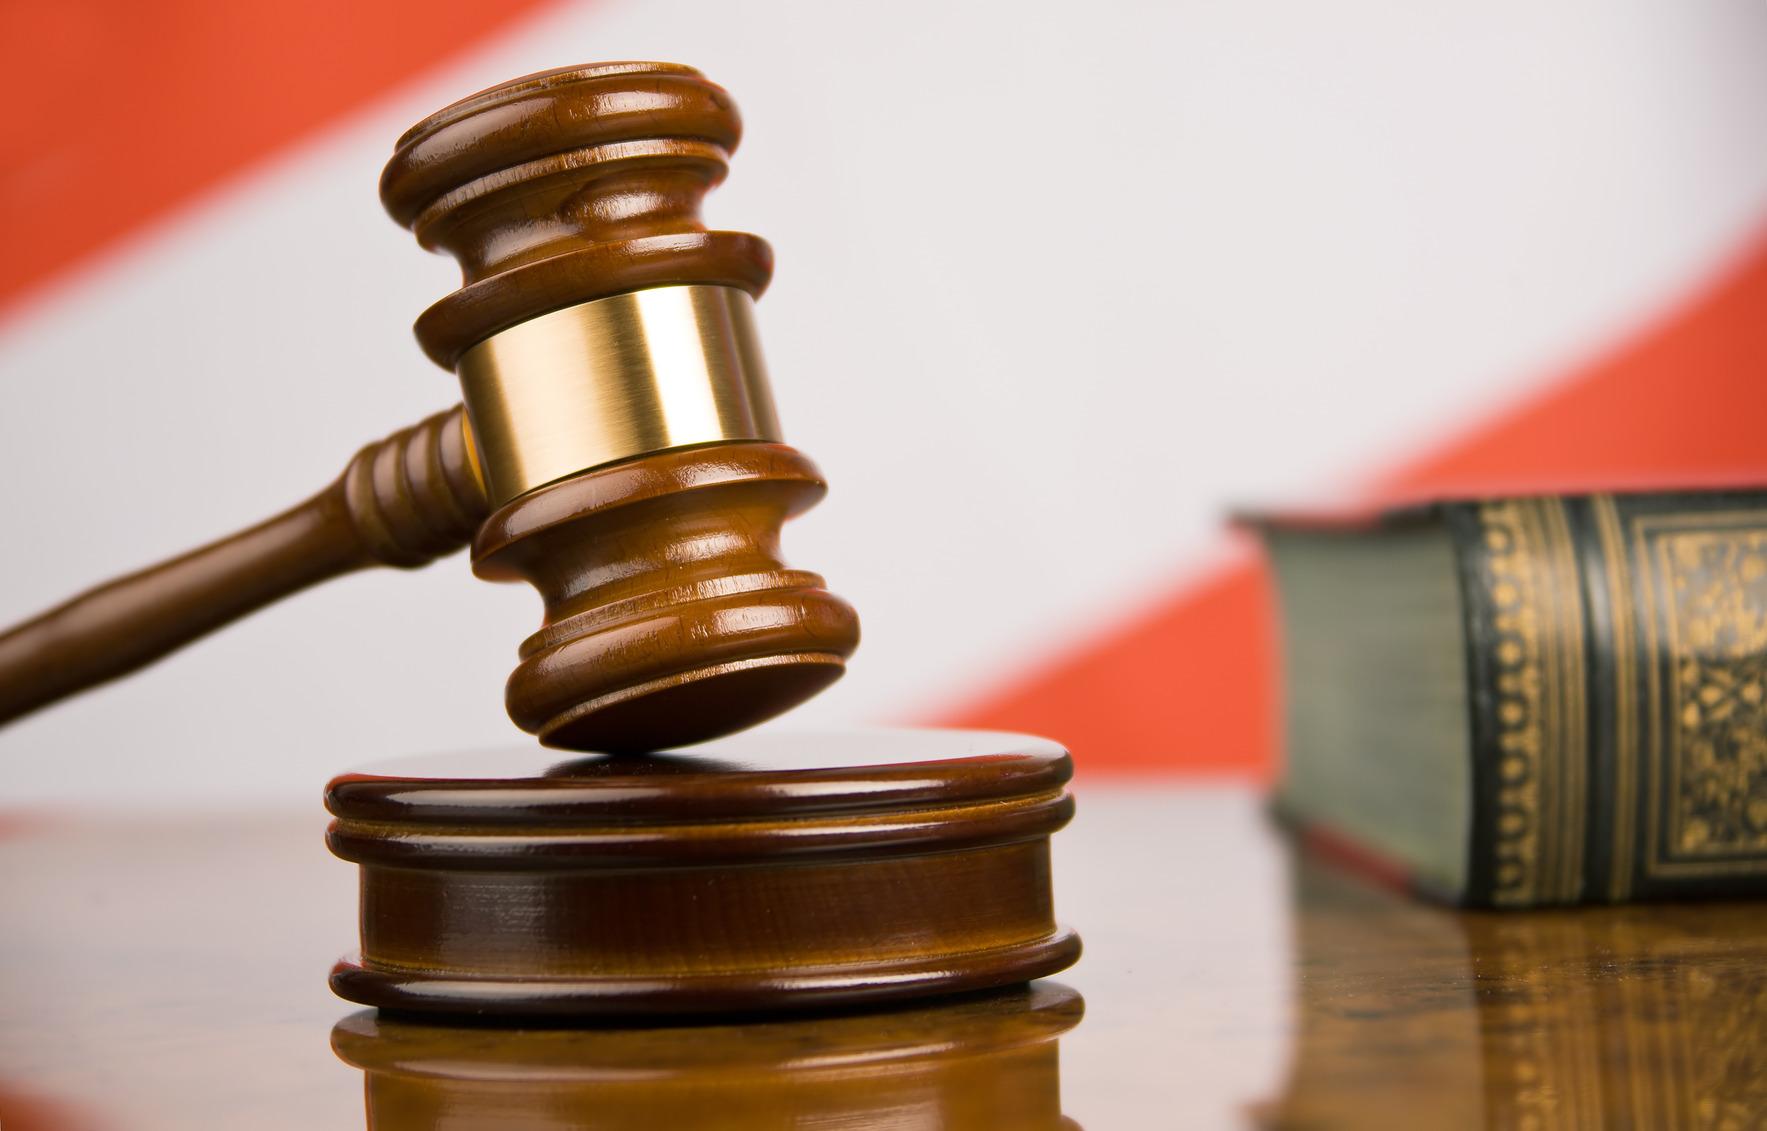 Роспотребнадзор Коми добился прекращения деятельности недобросовестного продавца